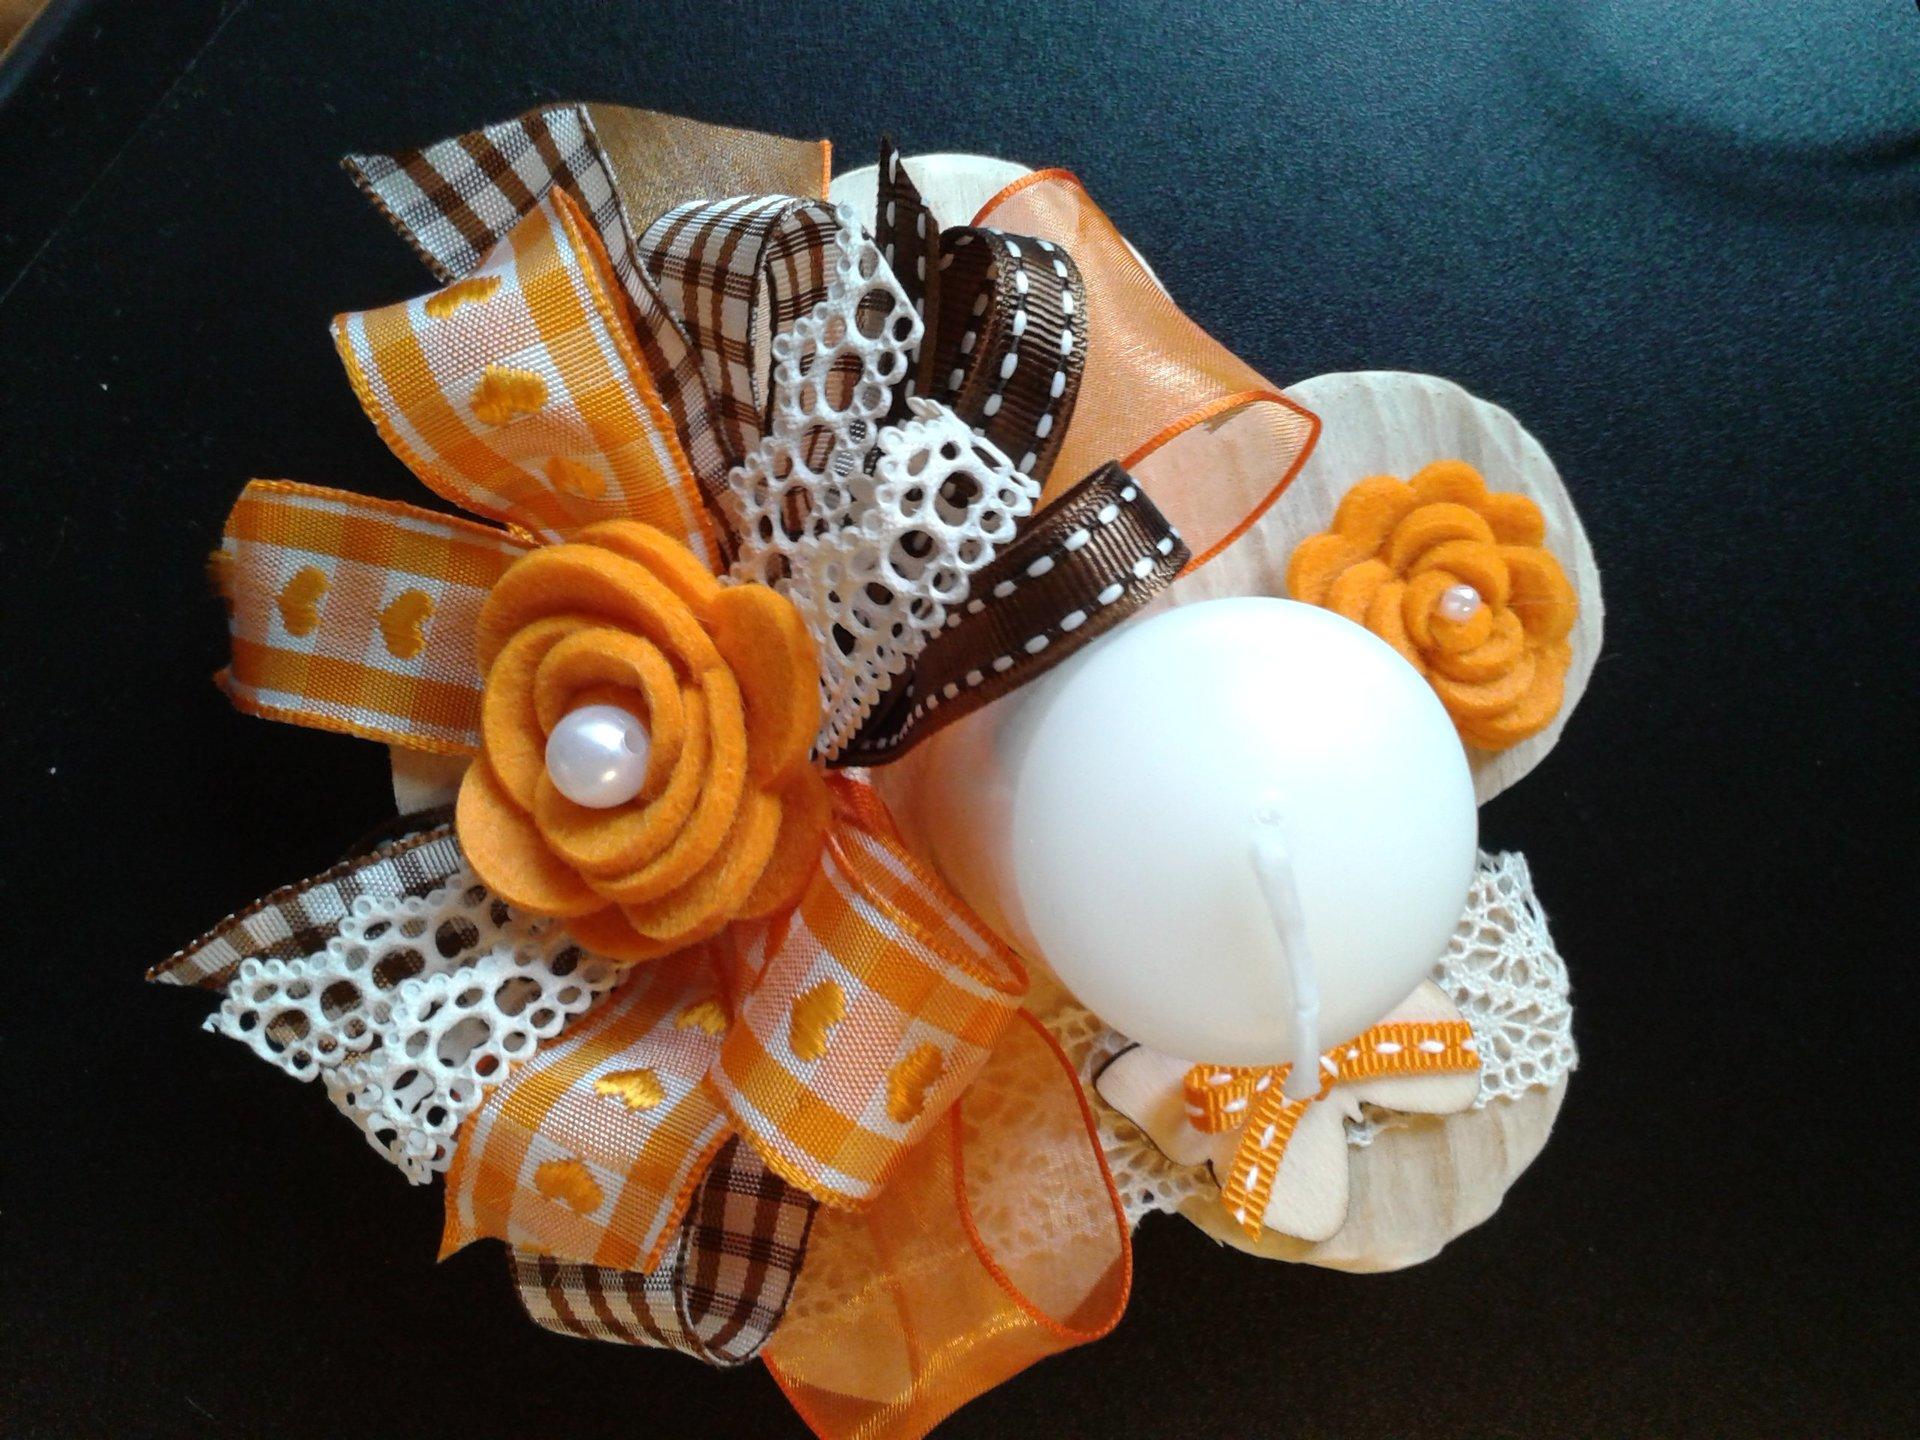 candela bianca circondata da fiore arancione in stoffa e fiocchi bianchi, arancio e neri